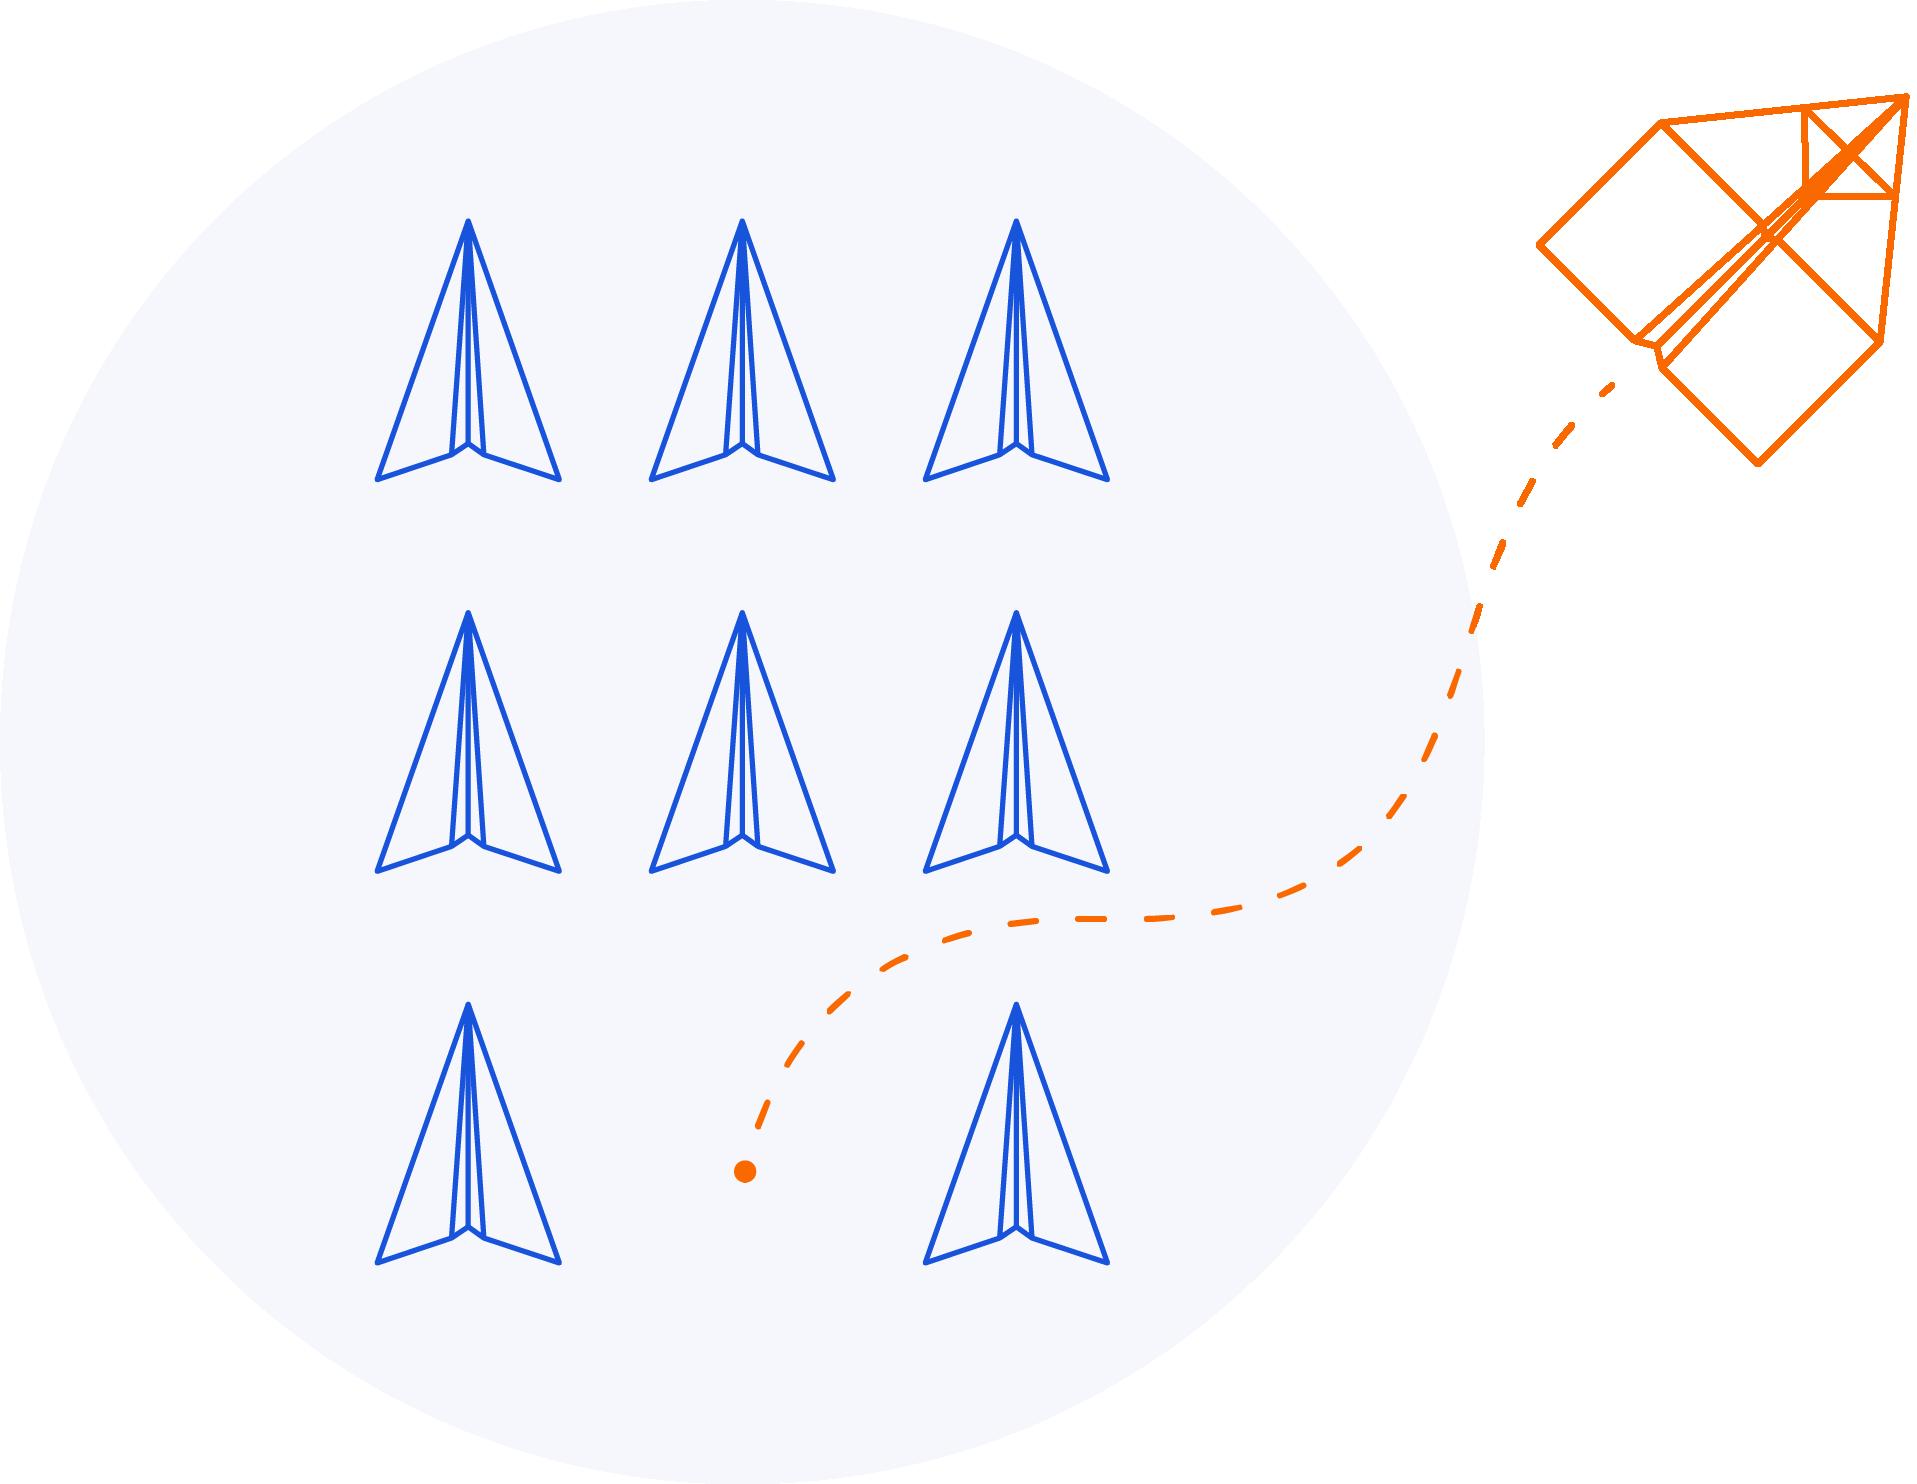 """Illustration zum Thema """"Das machen wir im Intrapreneurship Programm"""", dargestellt als das Ausbrechen eines weiterentwickelten Papierfliegers aus der Norm."""